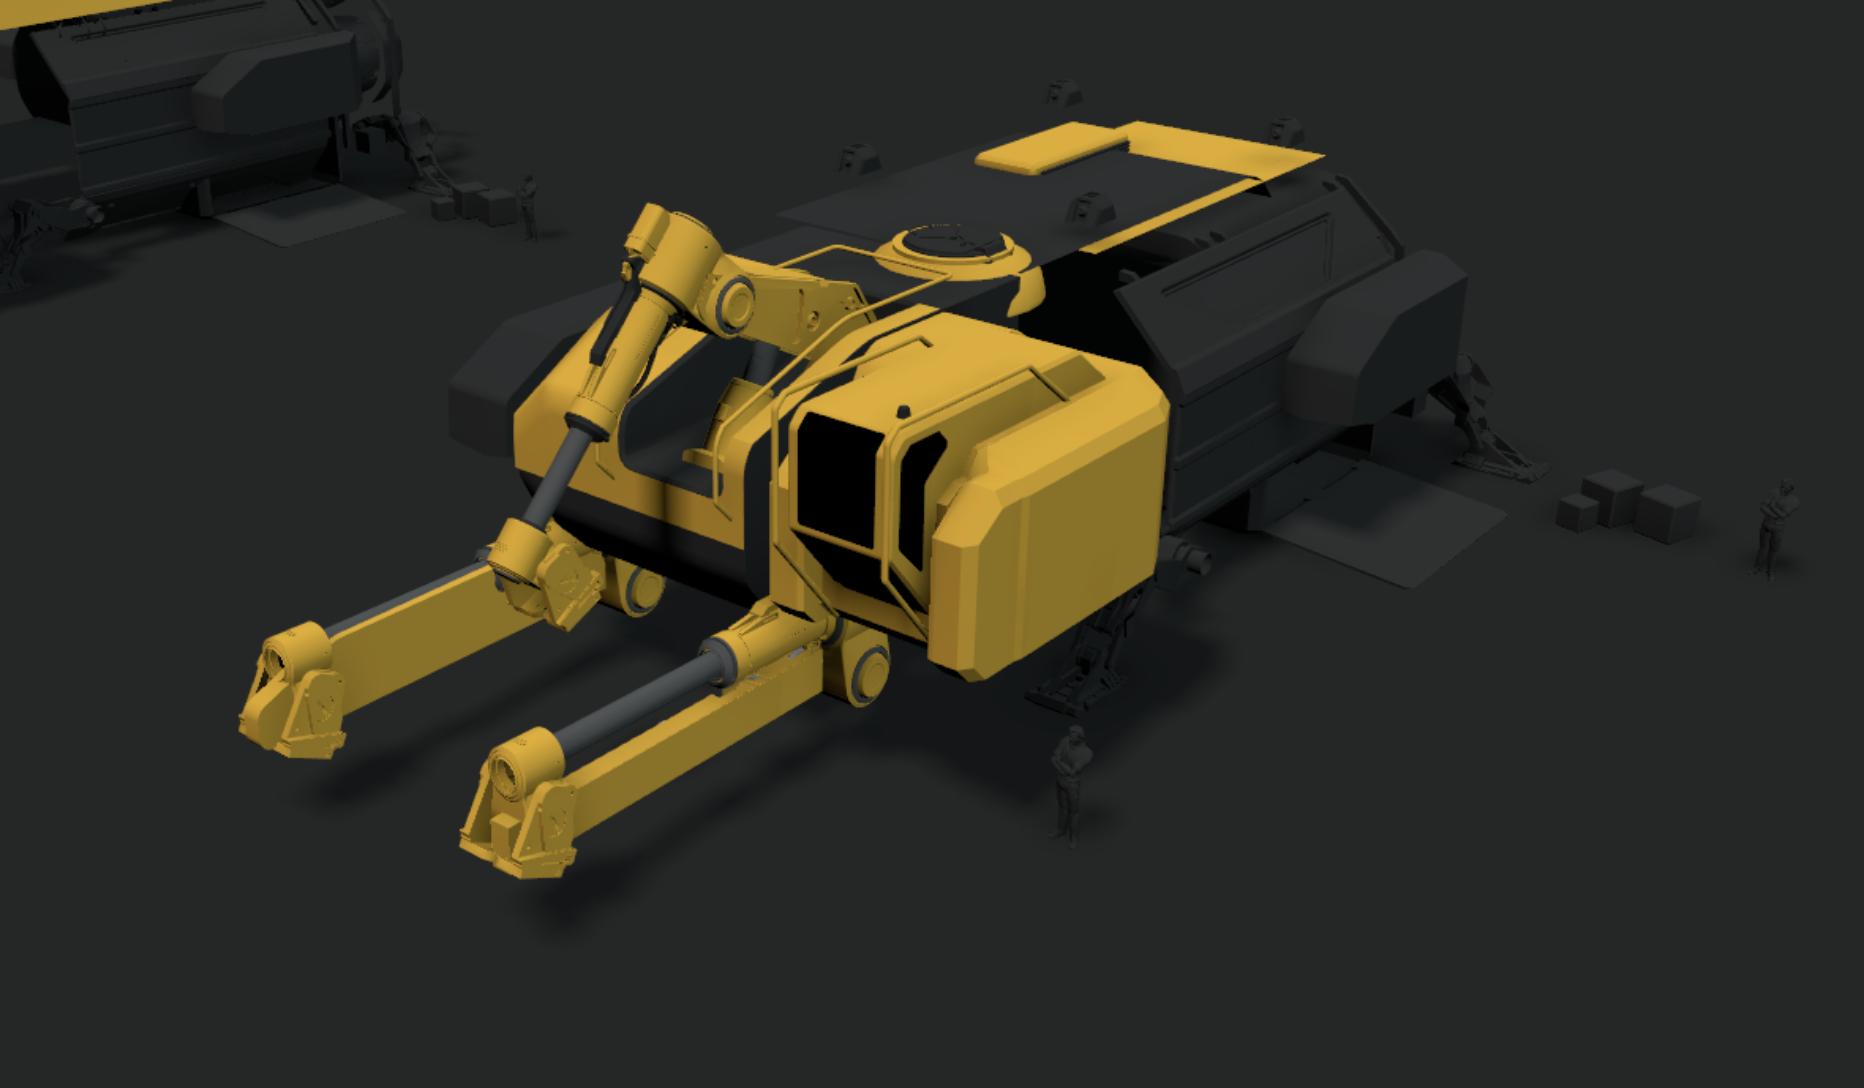 SC-Vulture-Vault-Concept-A-4.png